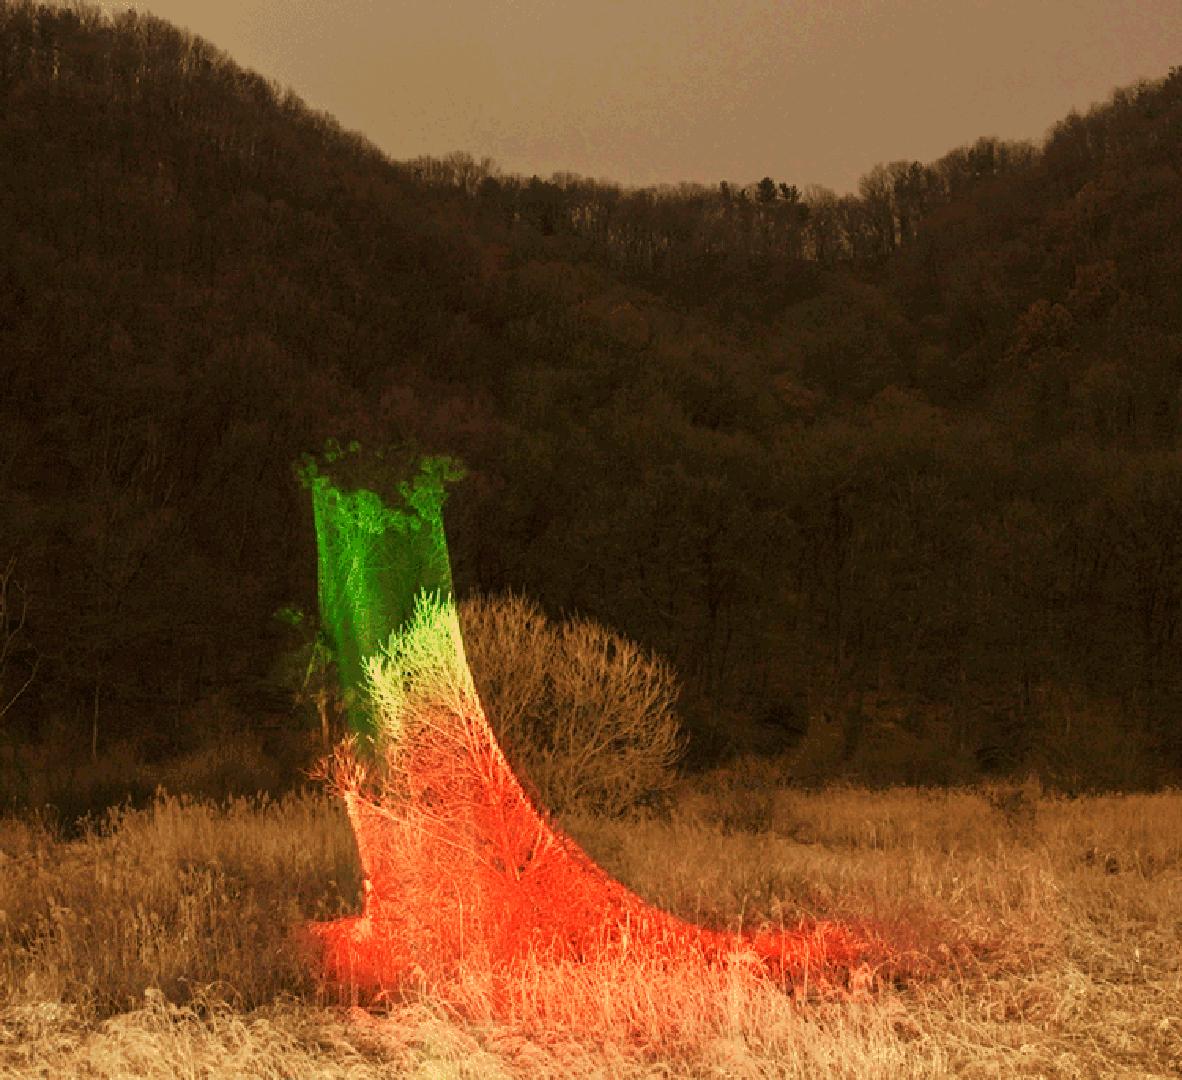 ©, Ji Hojang, Invisible Spot